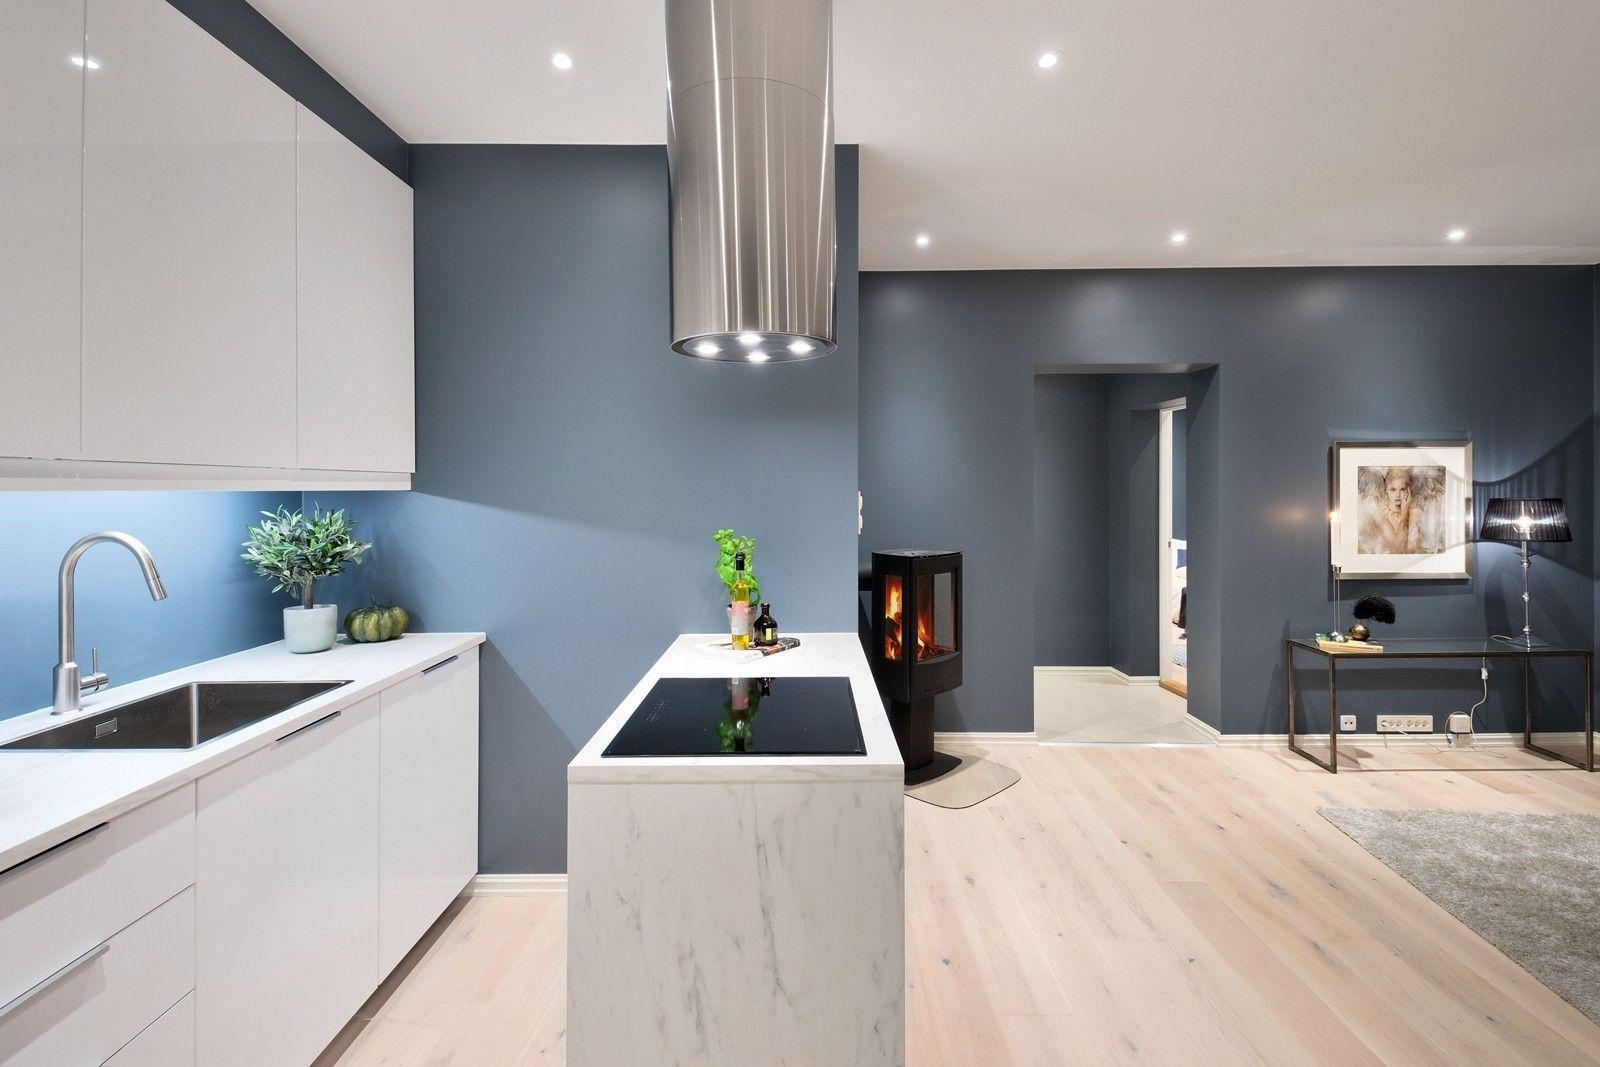 FINN – Enerhaugen - Rålekker 4-roms med vedovn, åpen kjøkkenløsning ...